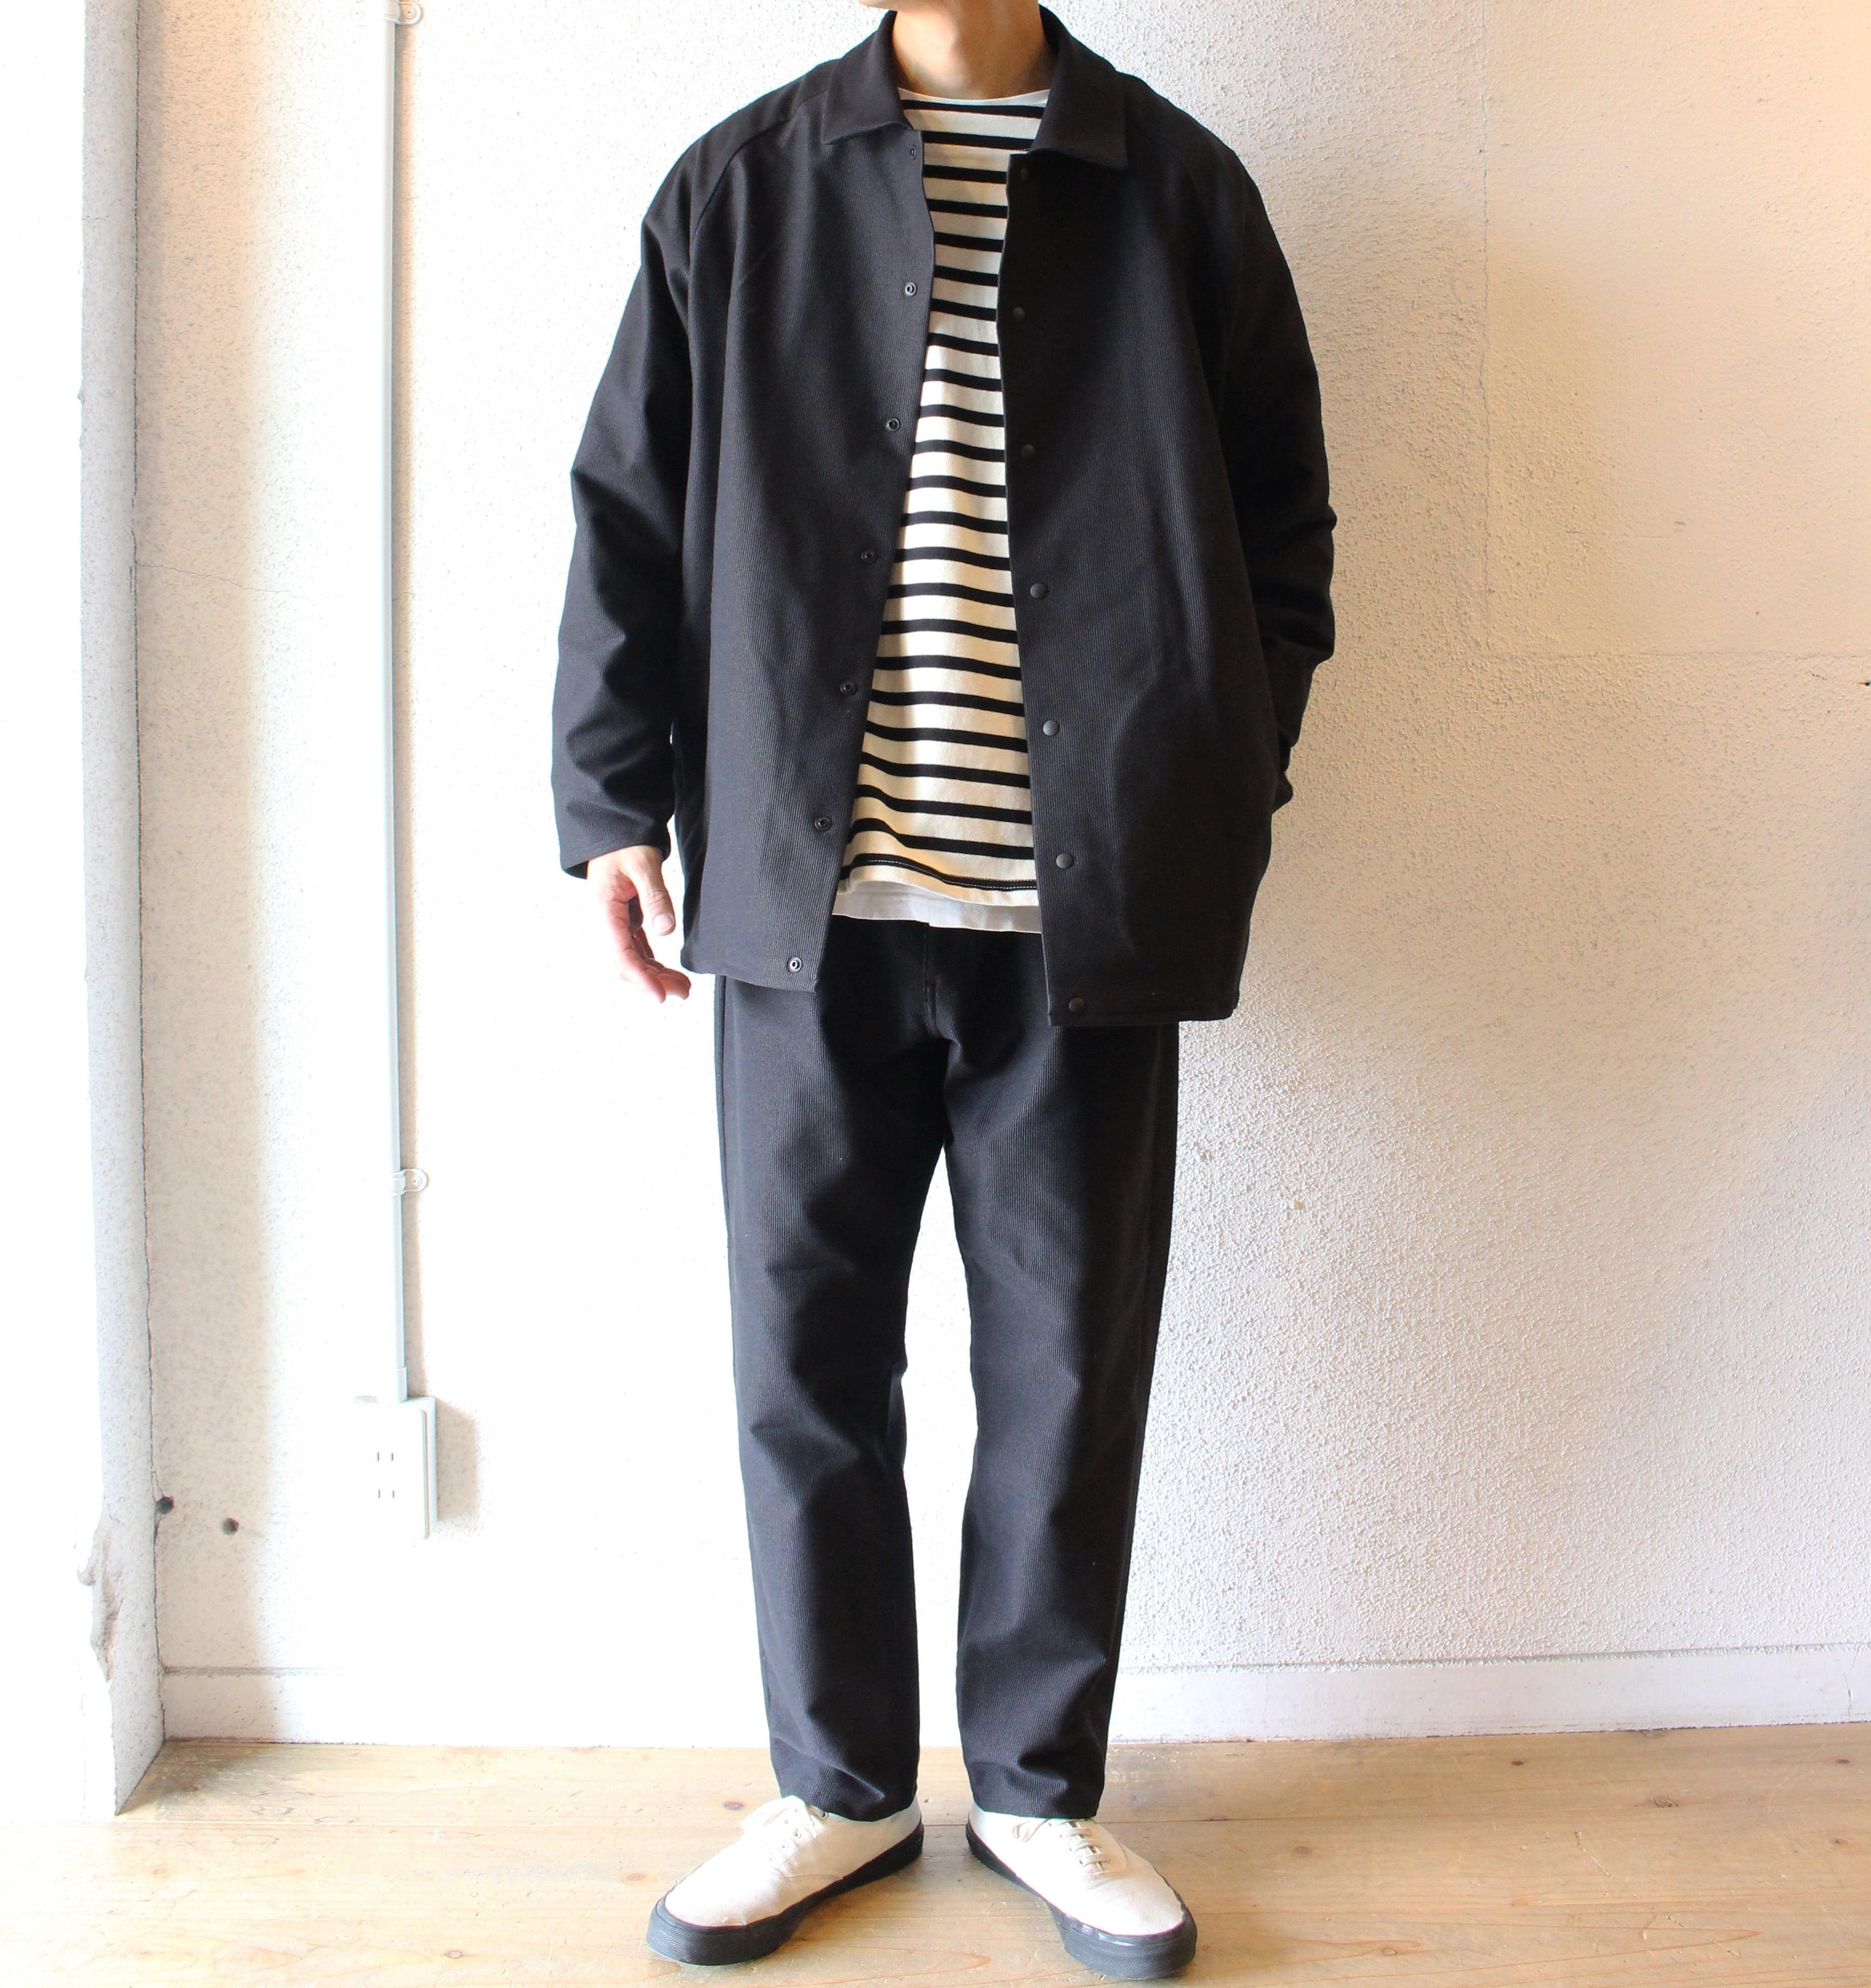 LAMOND (ラモンド)/ Corduroy Snap Jacket(コーデュロイ スナップジャケット)